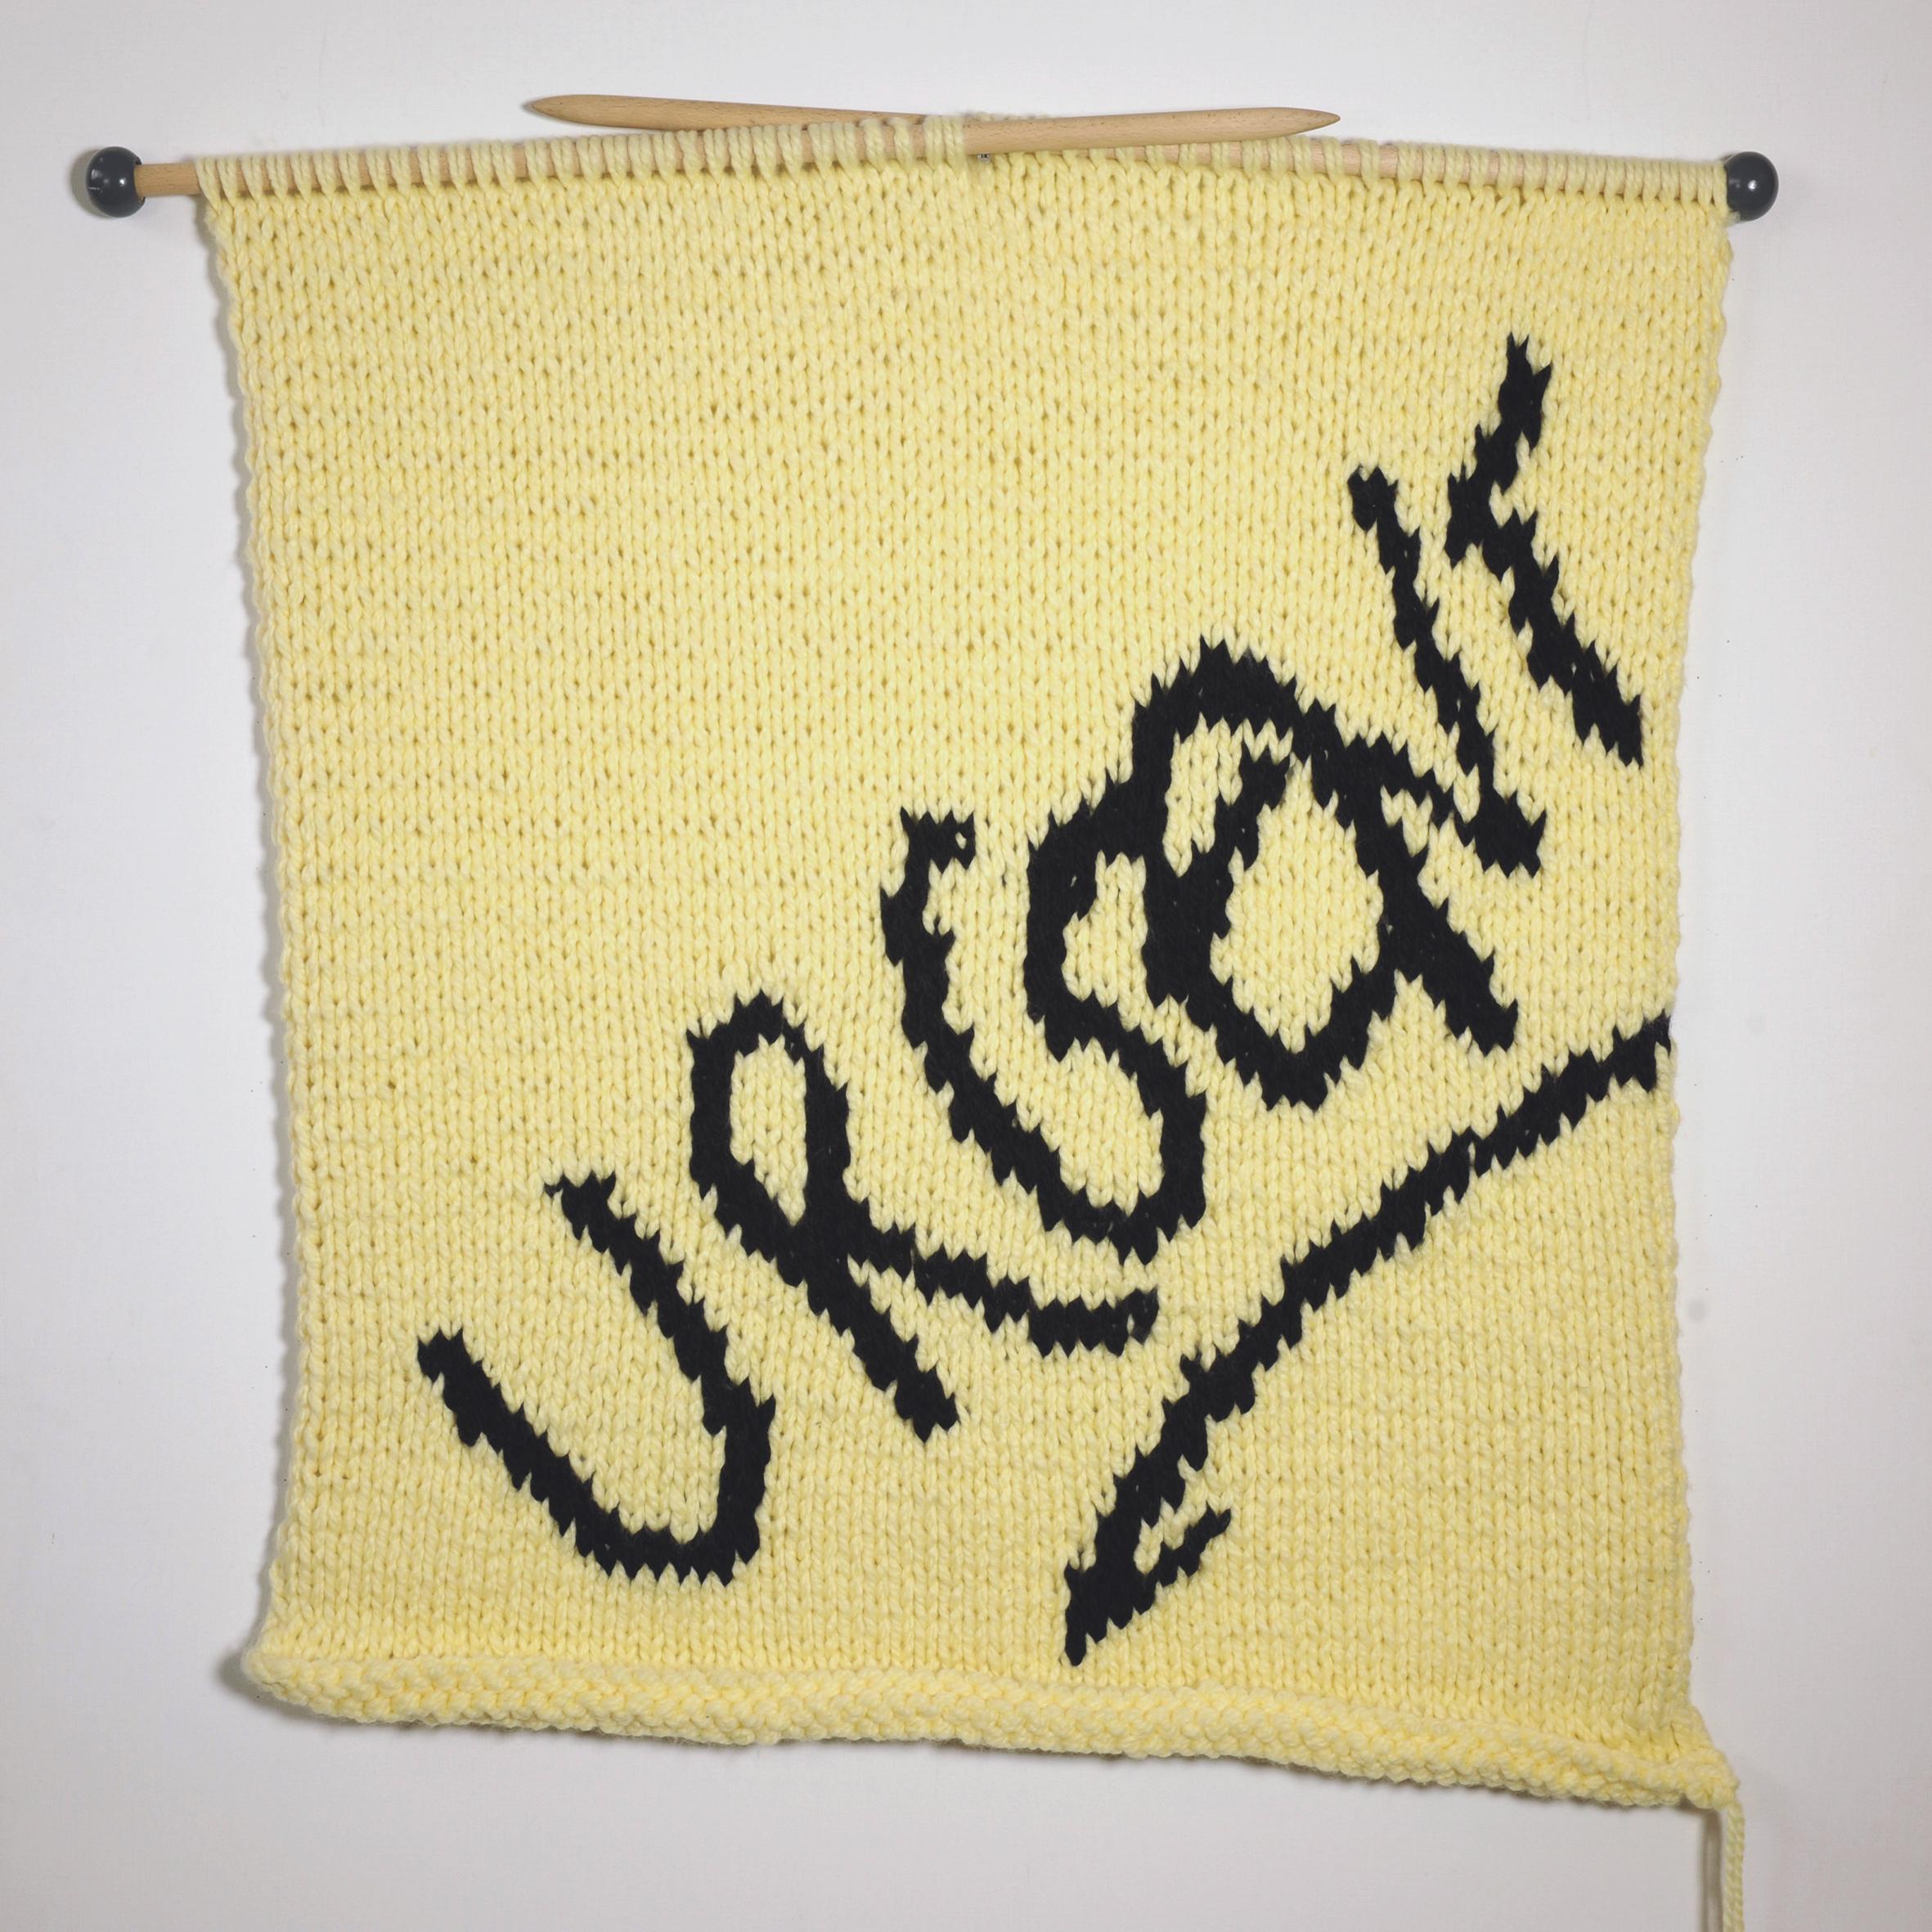 Urgent, Post-it augmenté, 2010